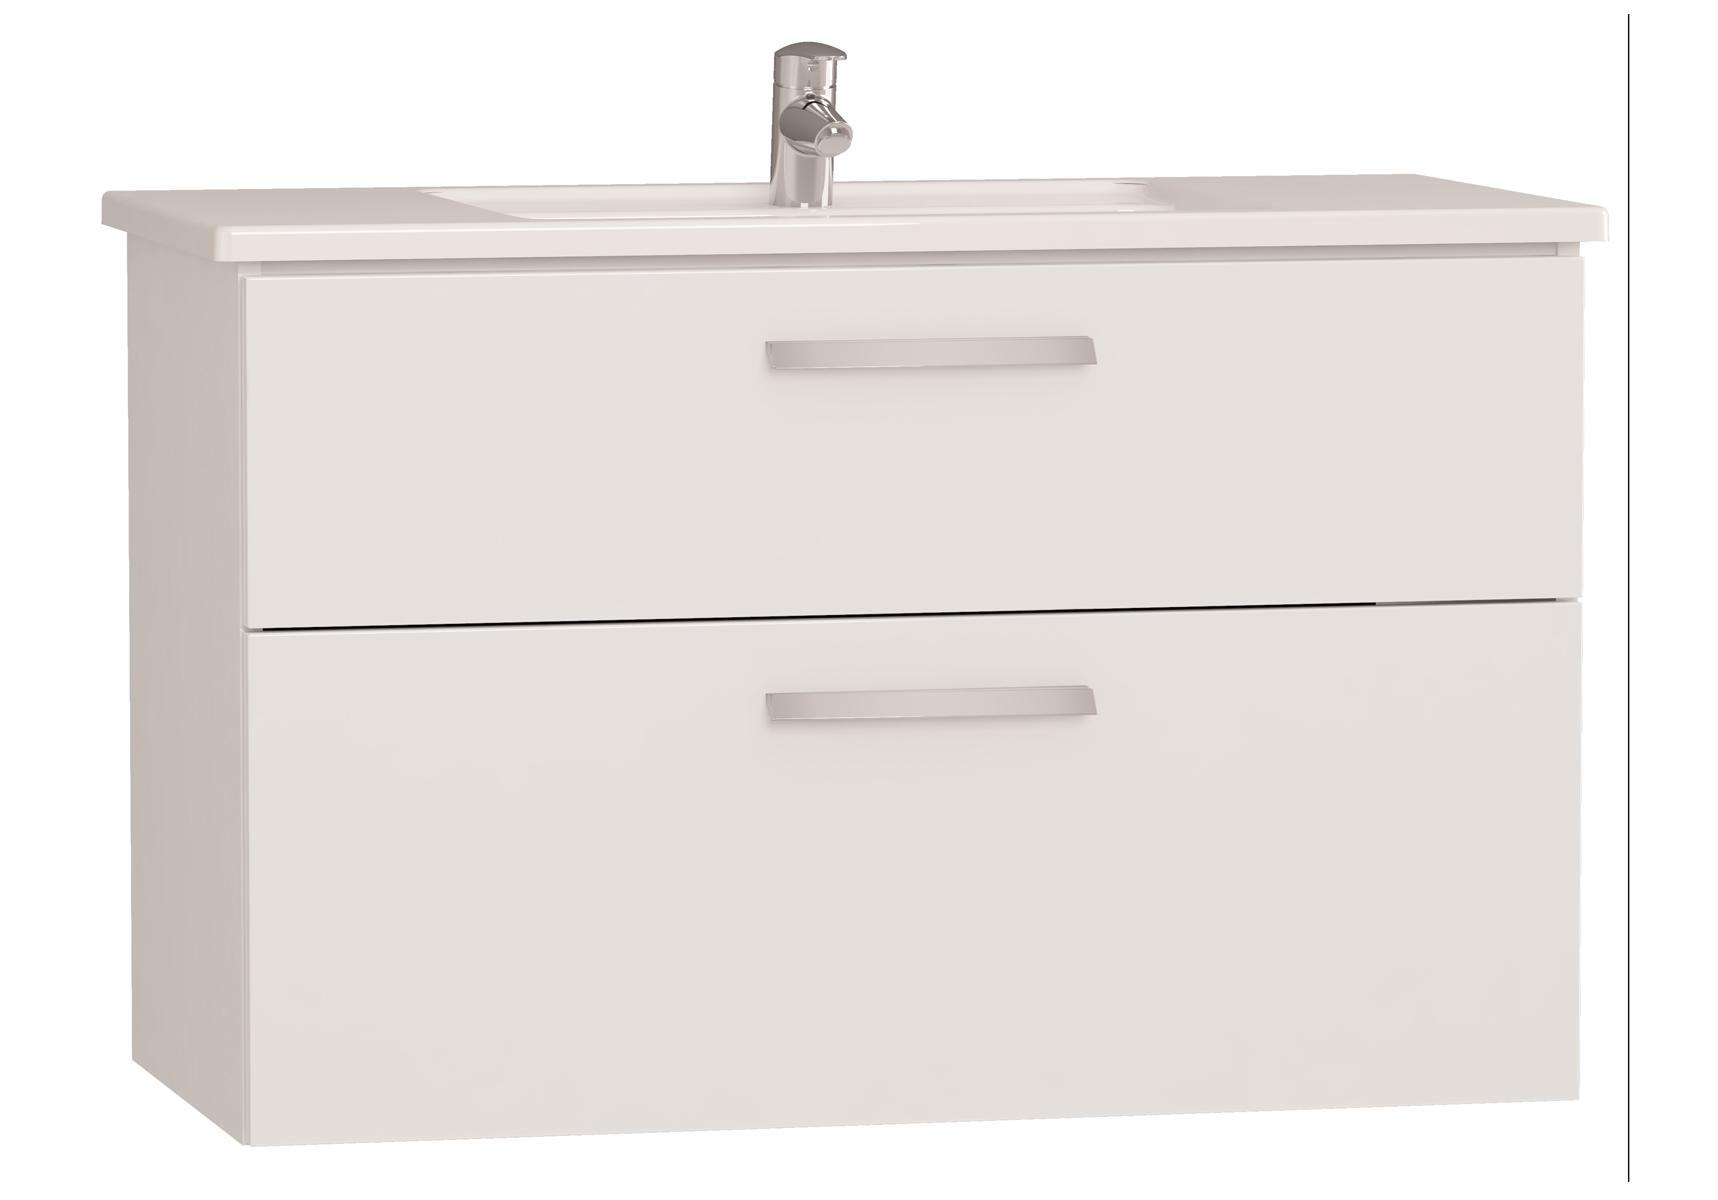 Integra meuble avec plan céramique avec deux tiroirs, 100 cm, blanc haute brillance